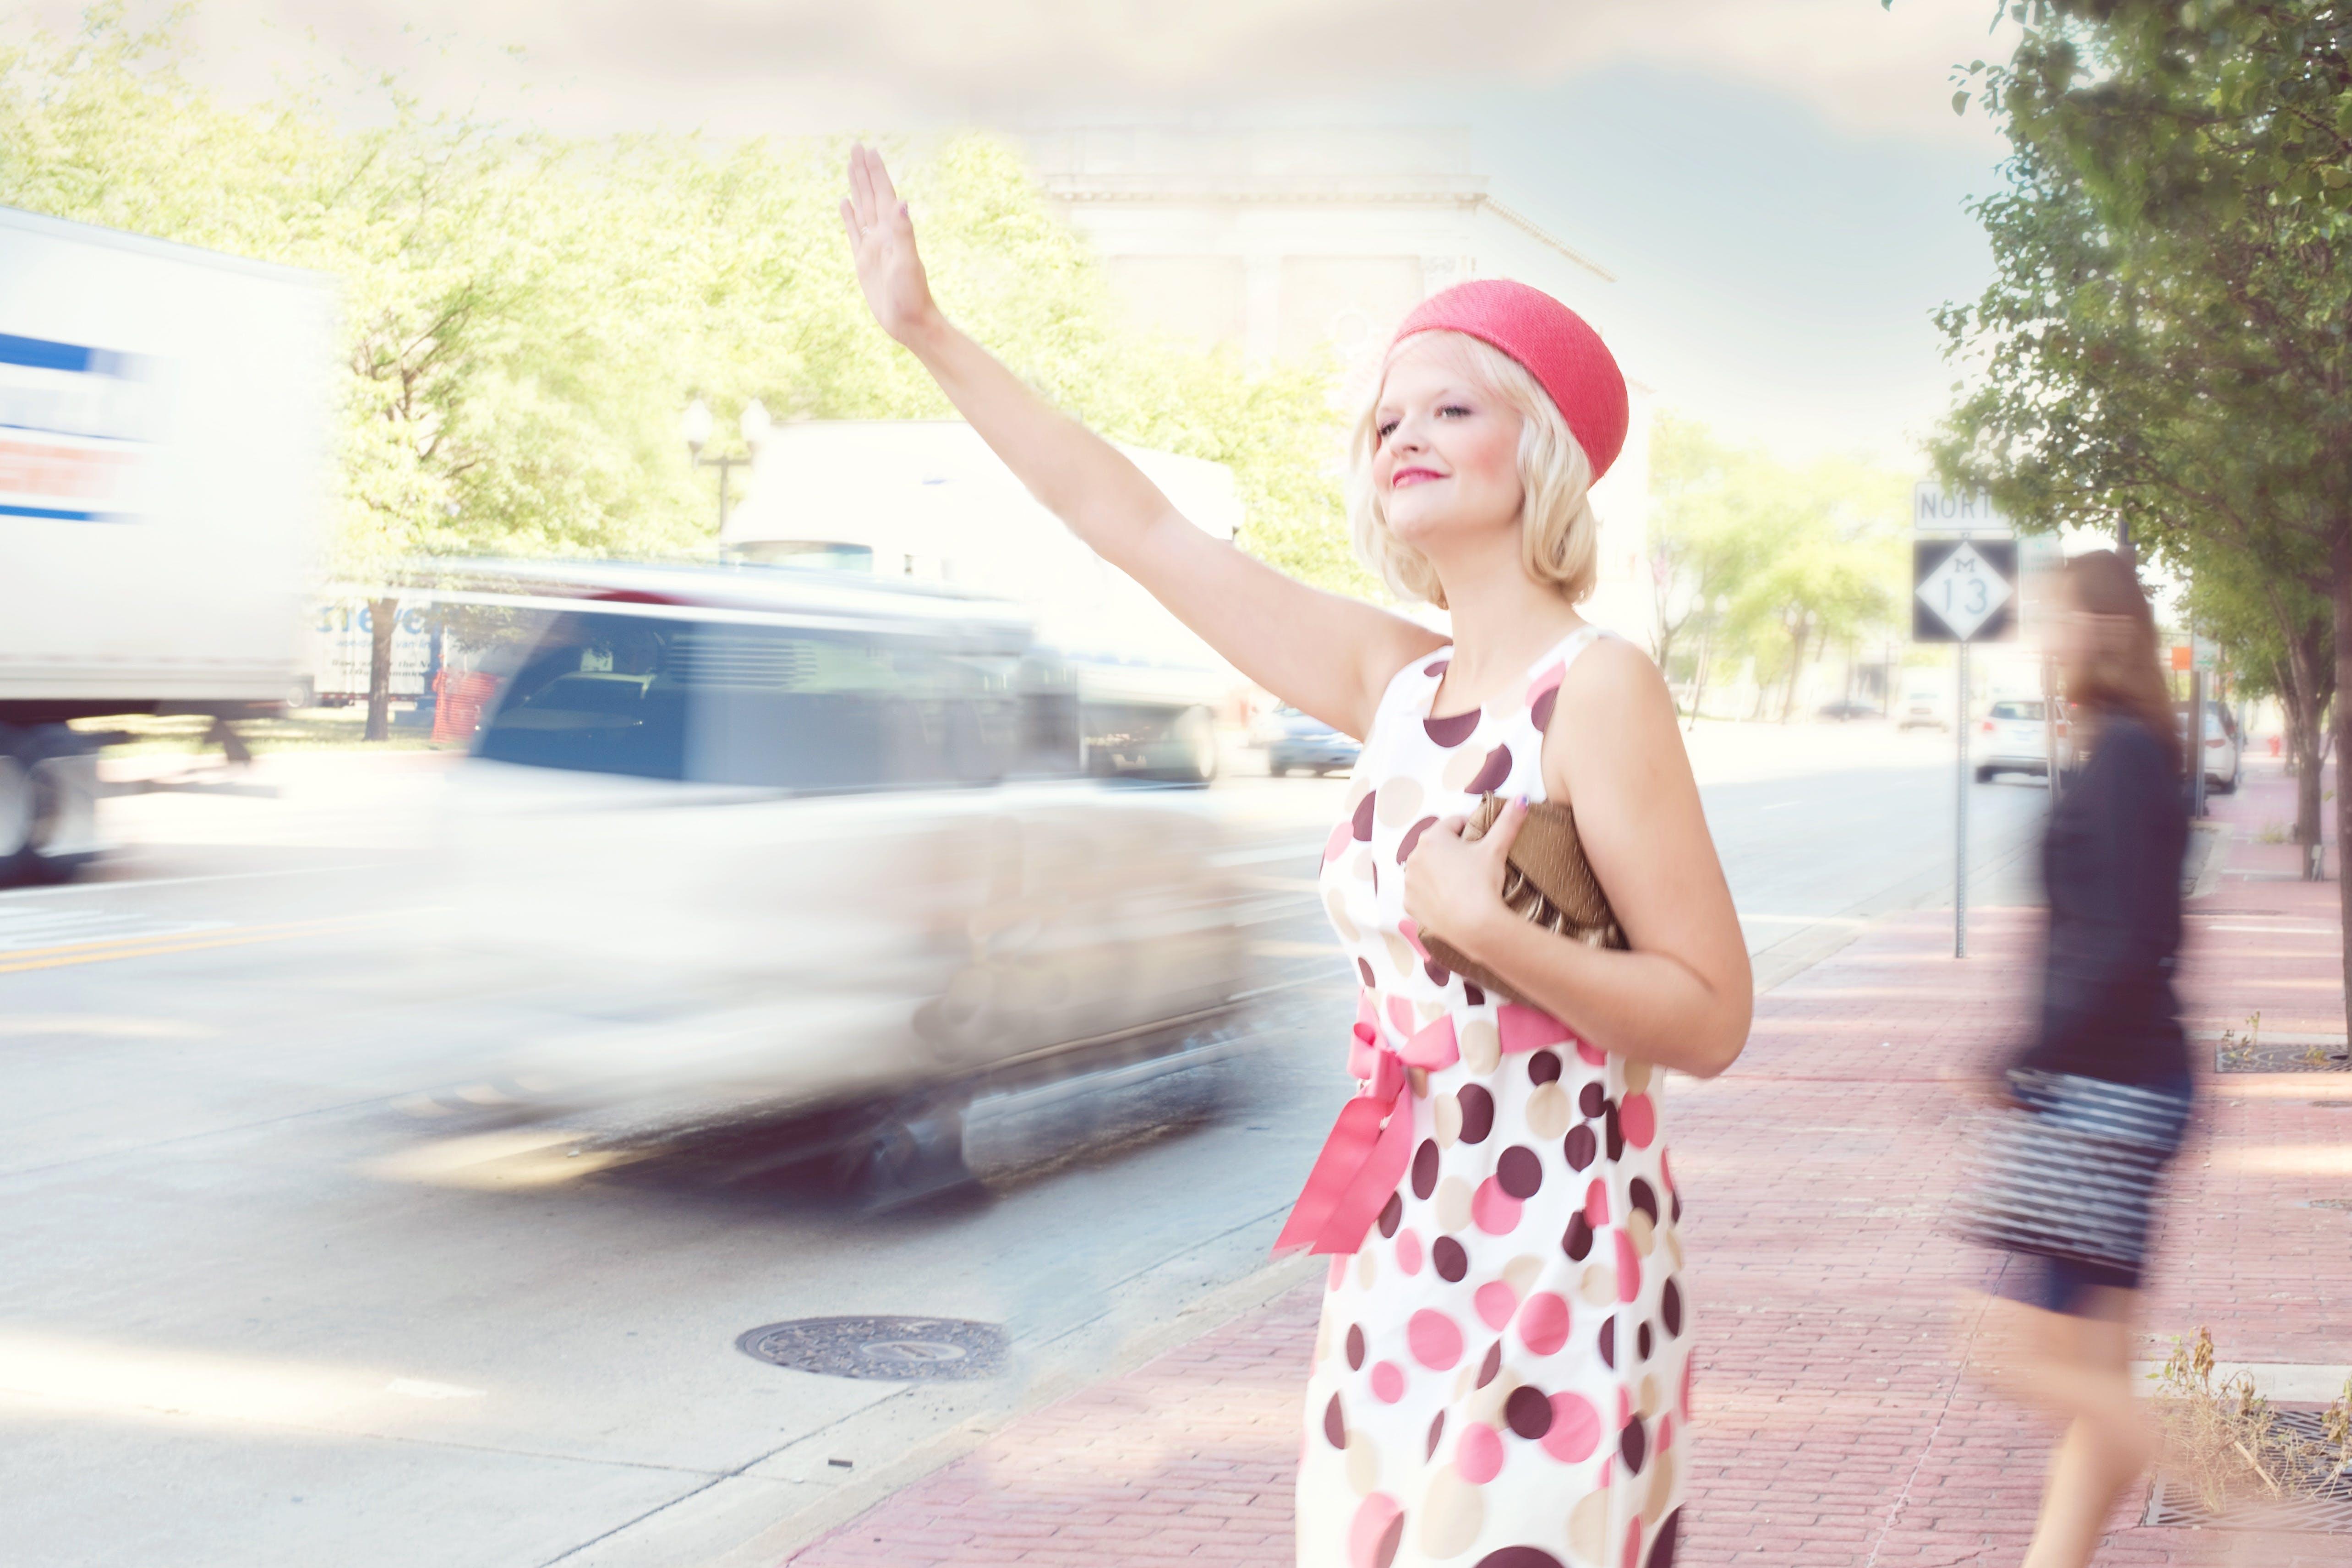 cab, fashion, girl